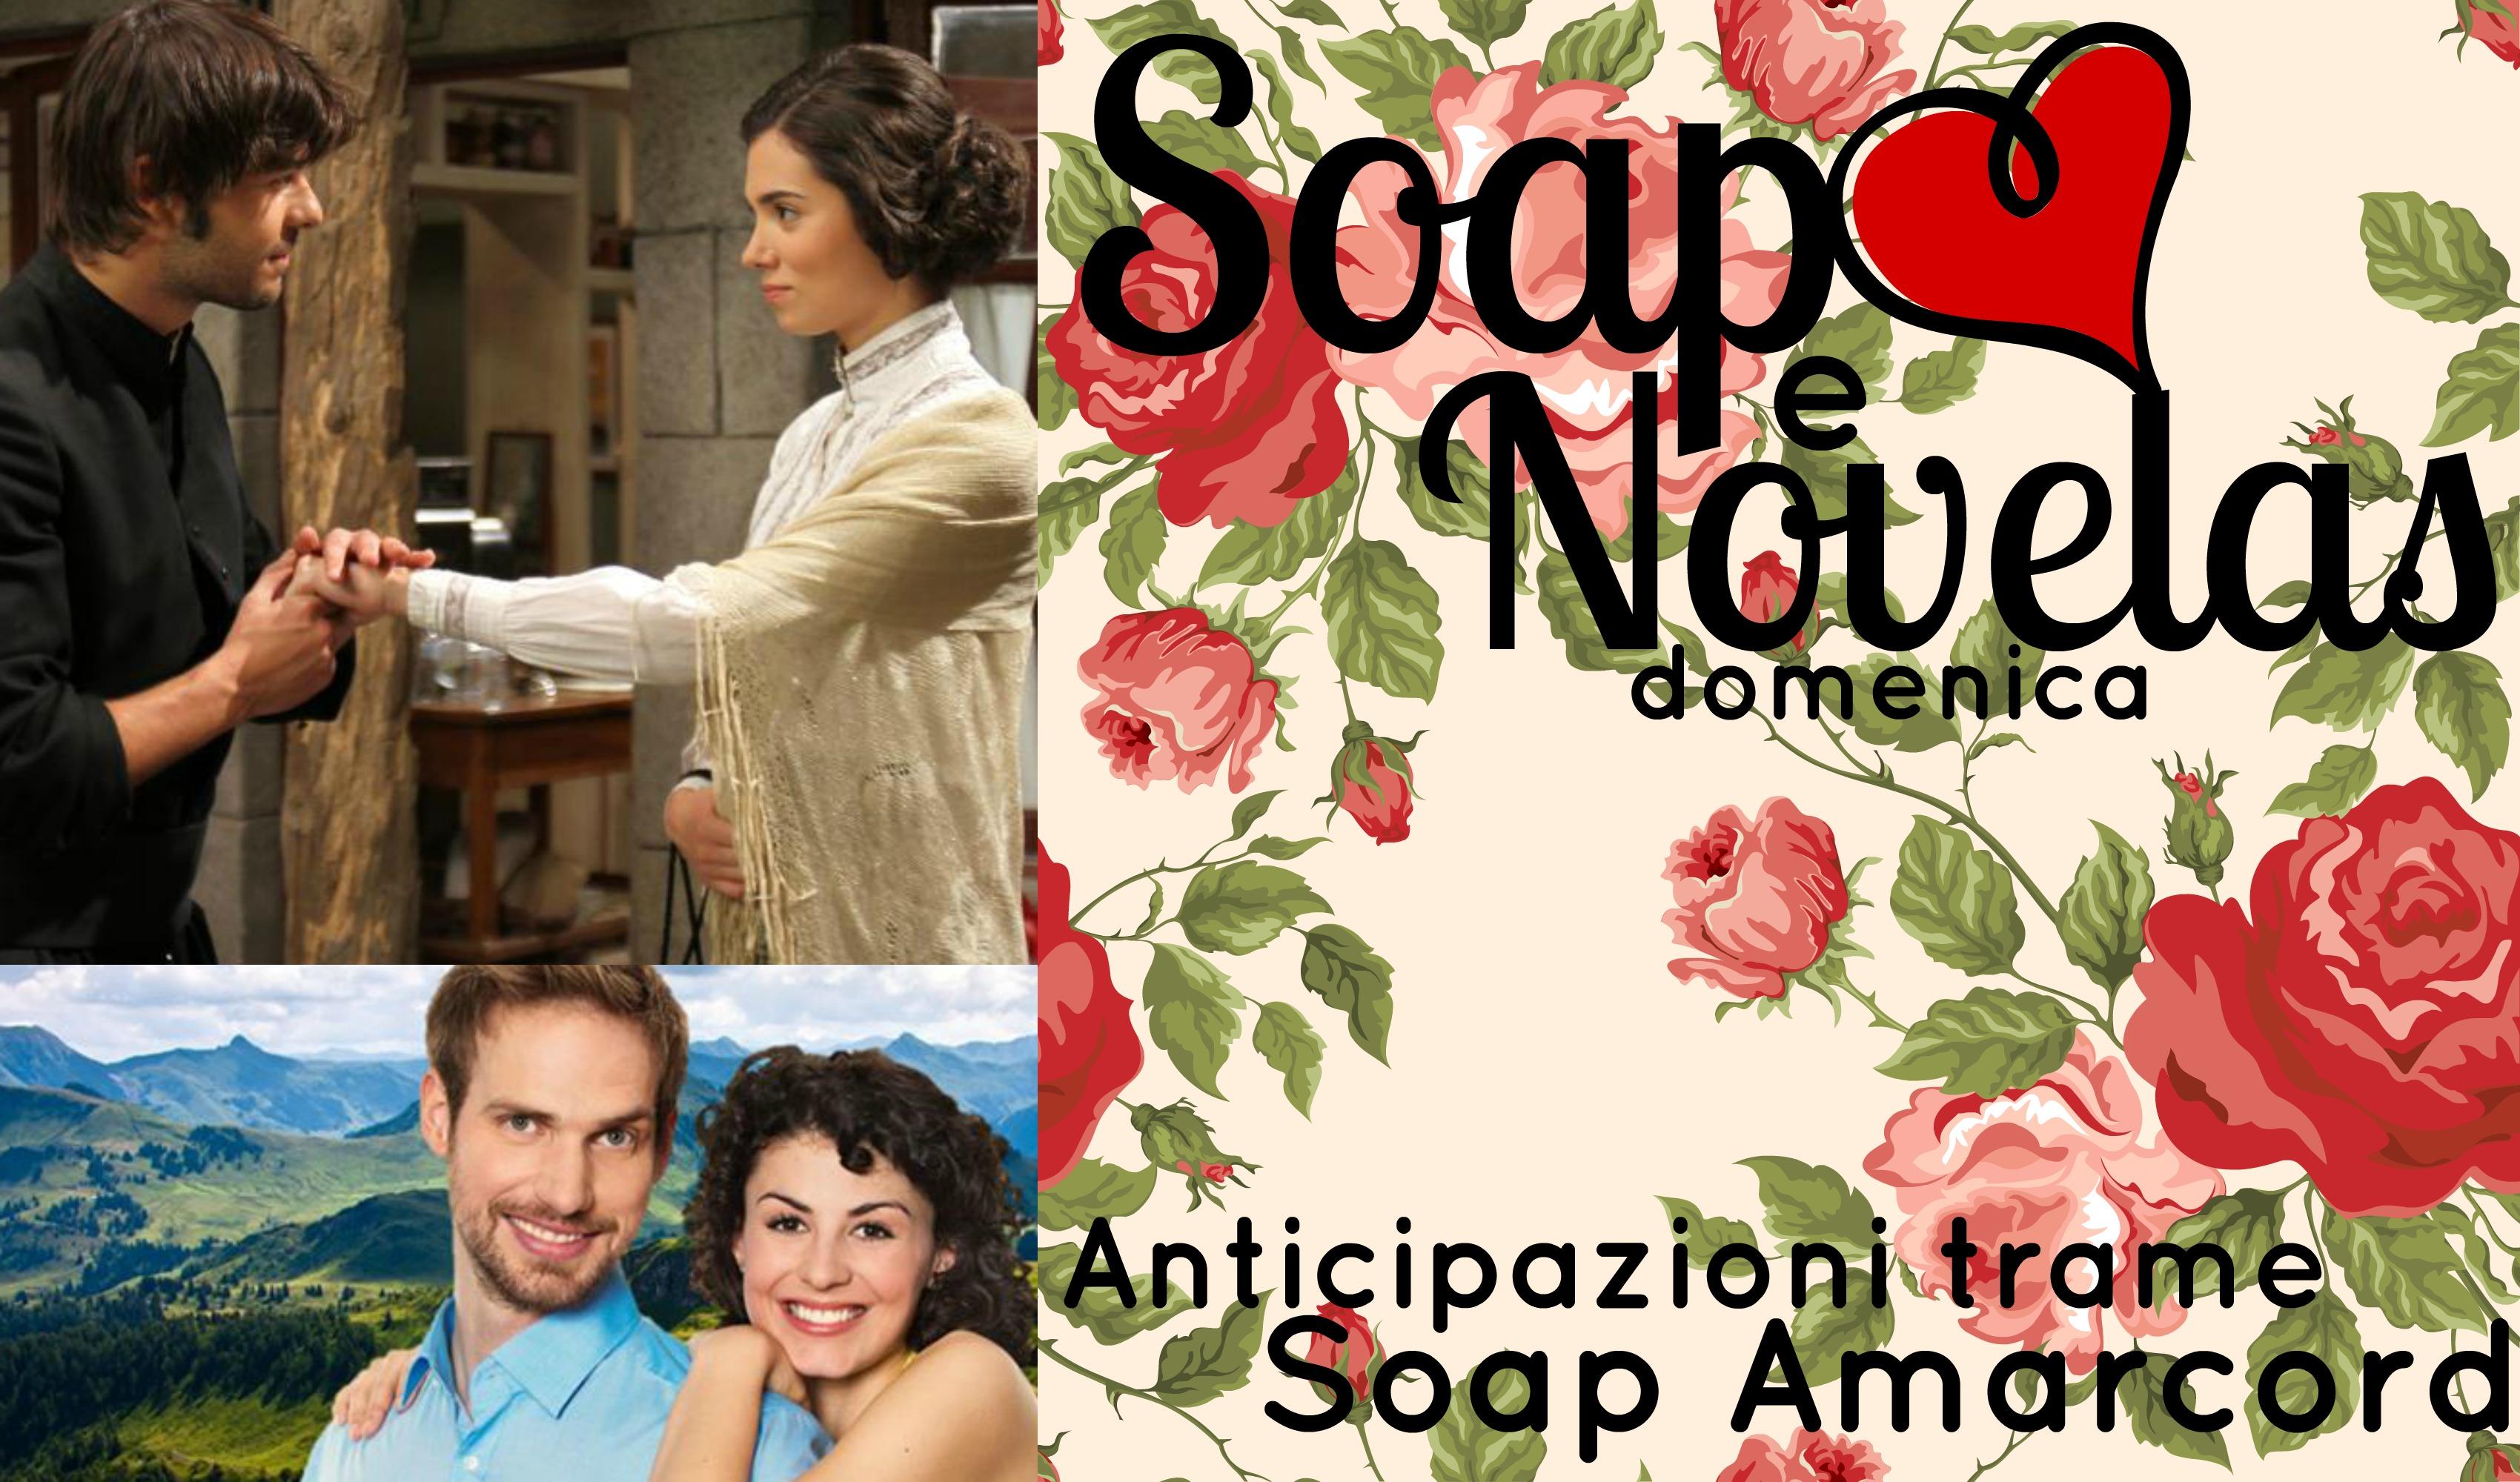 SOAP&NOVELAS ANTICIPAZIONI TRAME 4-10 GENNAIO 2015: IL SEGRETO, TEMPESTA D'AMORE   SOAP AMARCORD: PRIMAVERA